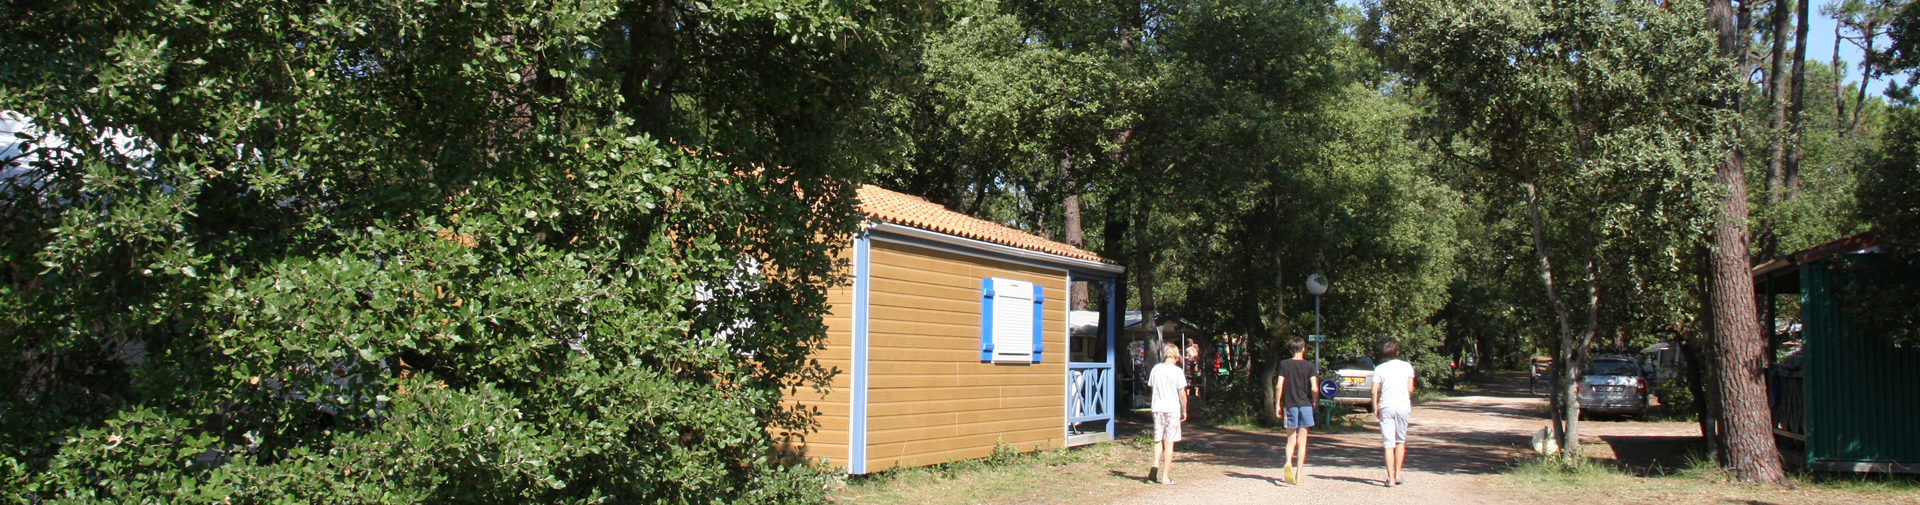 Profitez de nos locations de chalets, de mobil-homes et de tentes lodge sur l'île d'Oléron